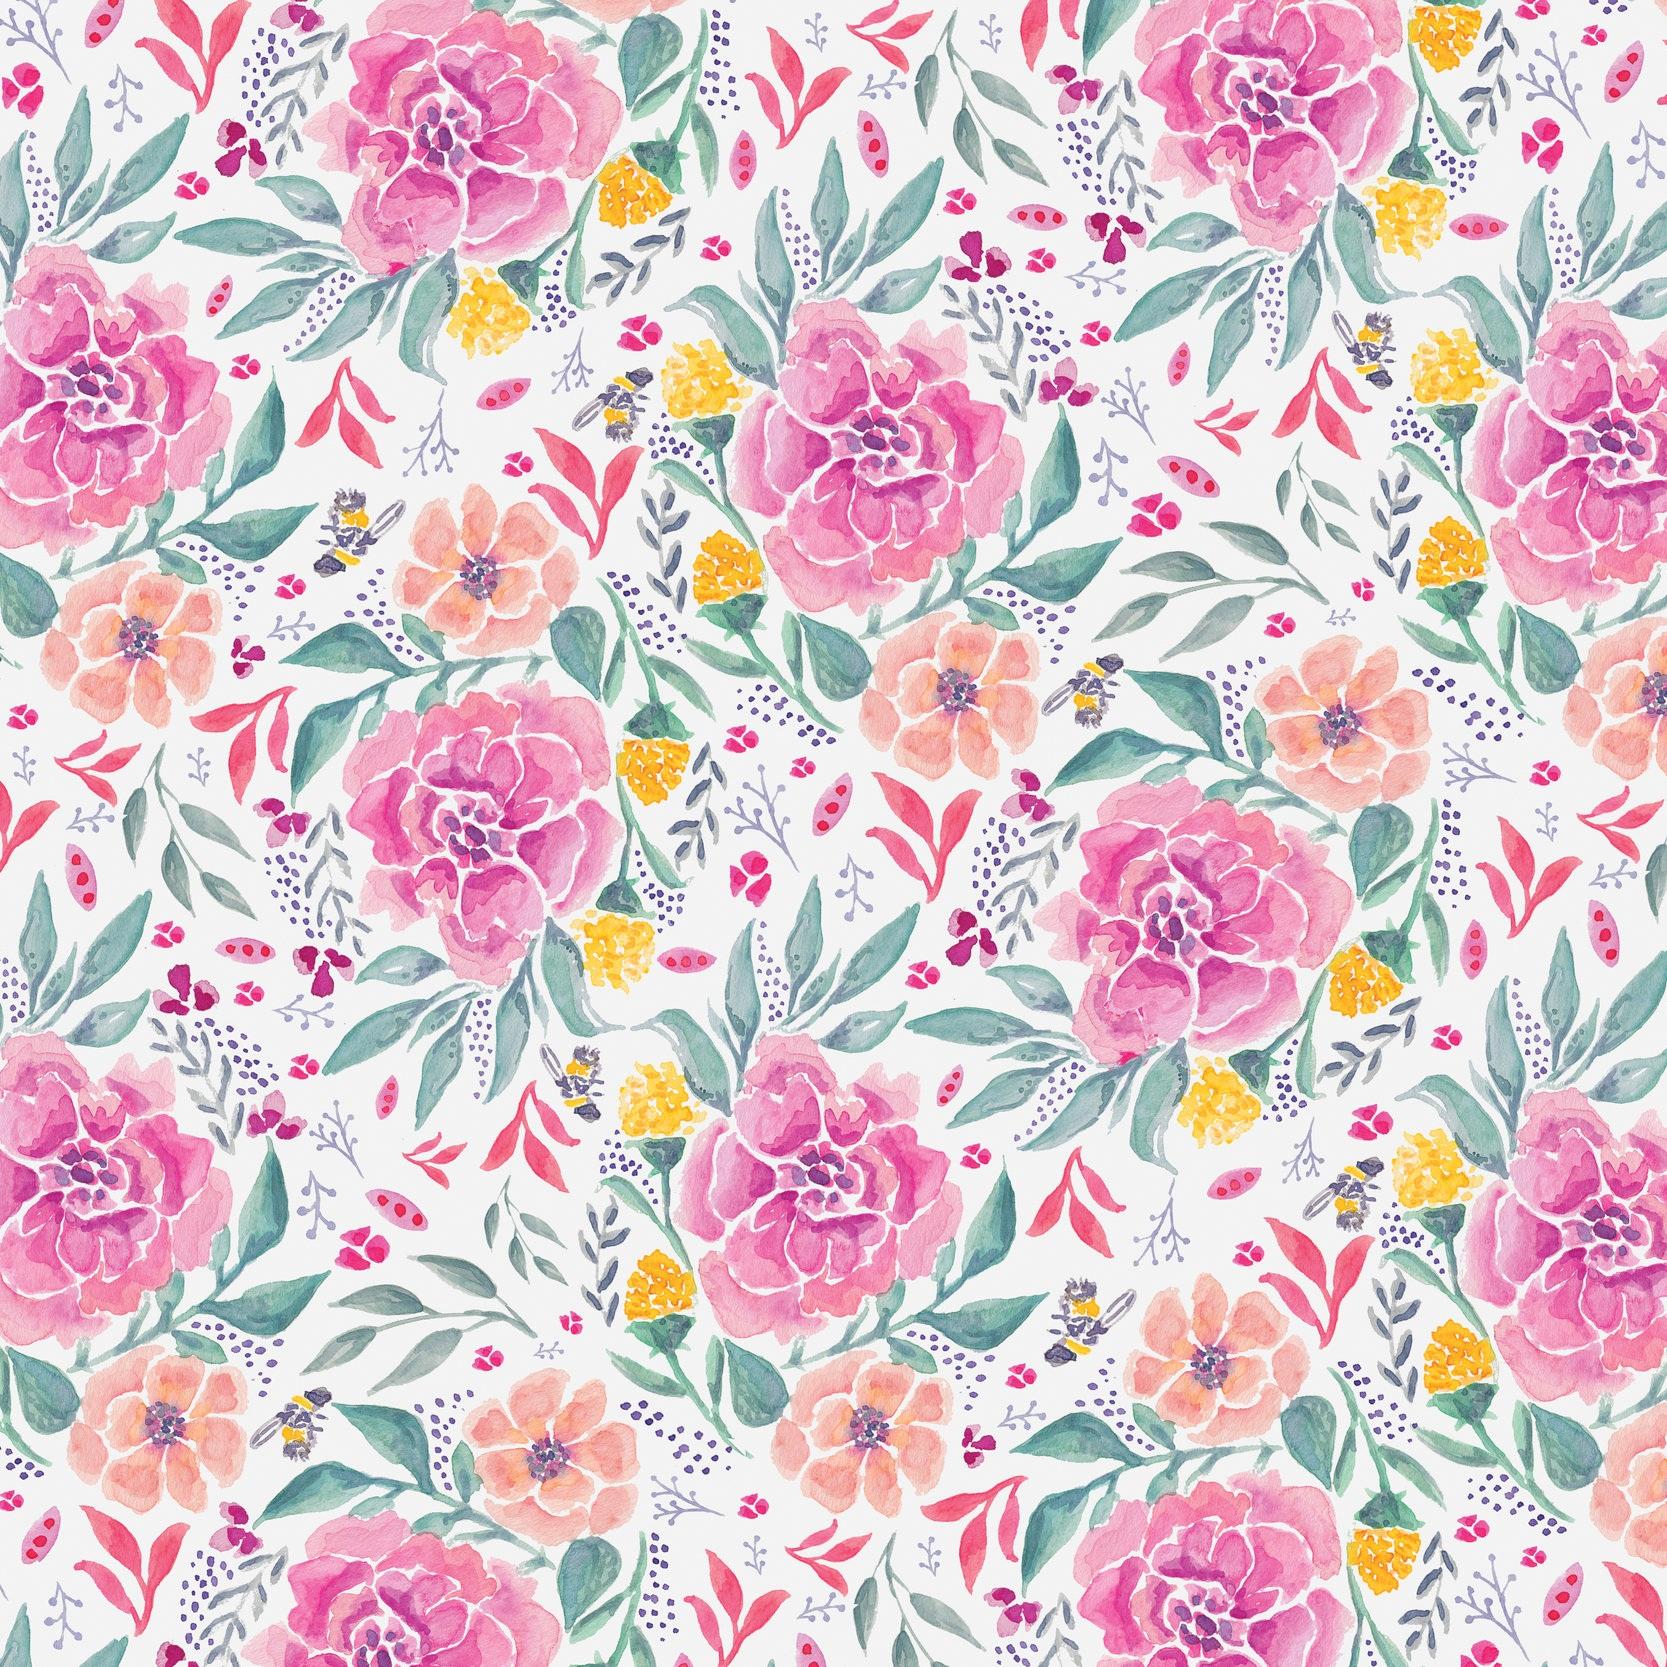 floralfornotebook.jpg